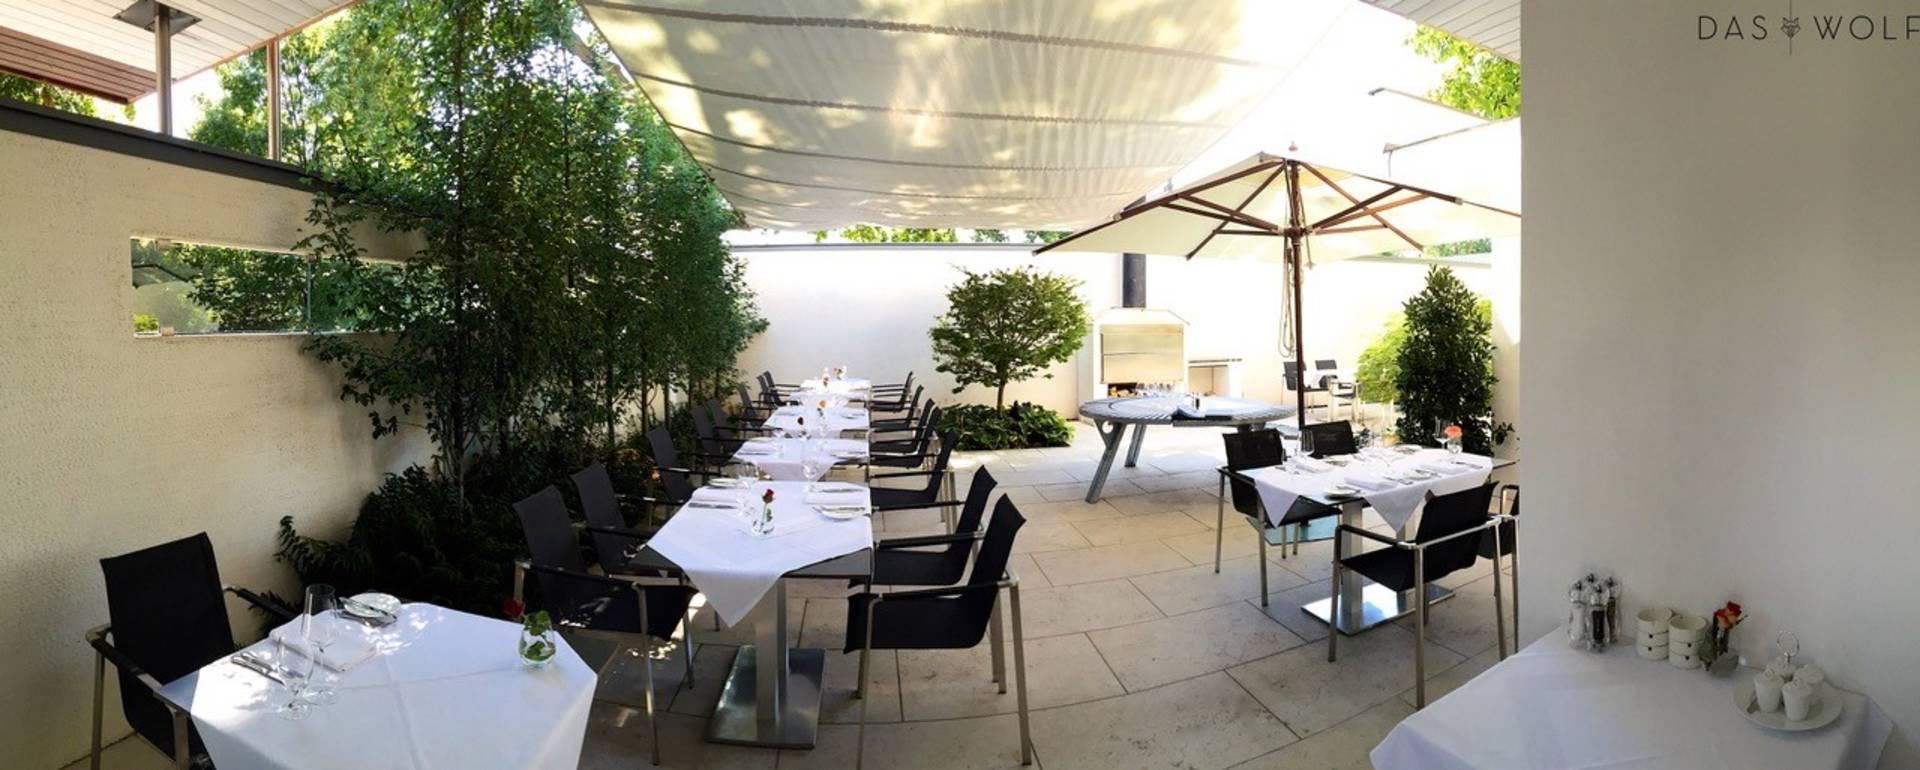 Das Wolf Restaurant, Gastgarten